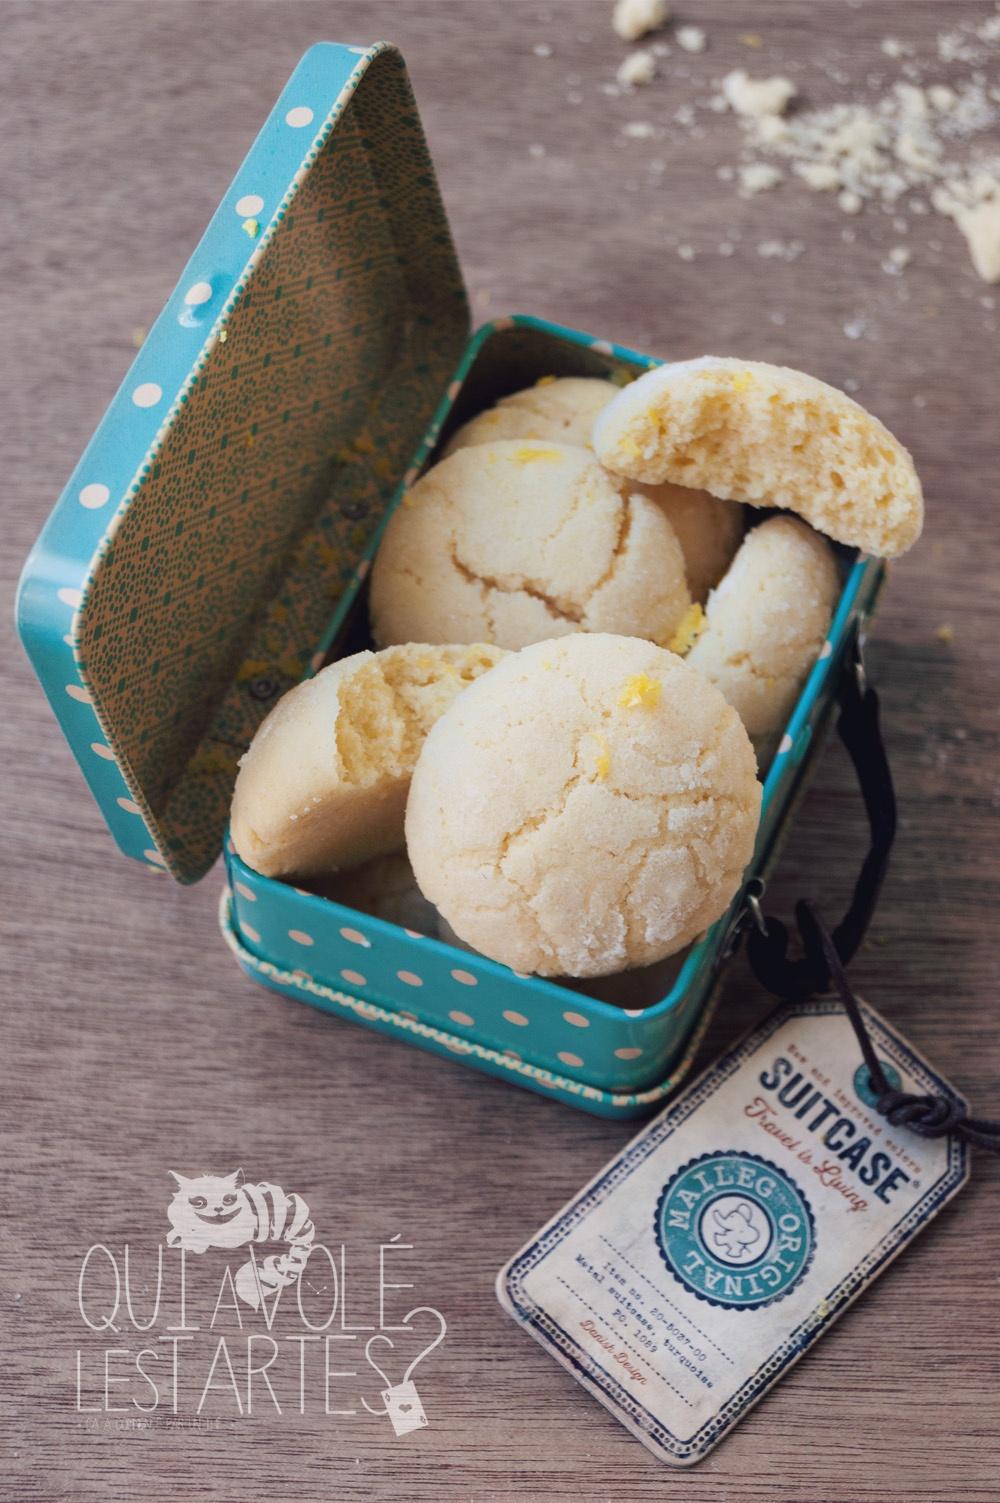 Crinkles sans gluten chocolat & amandes 3 - Studio de création - Qui a volé les tartes